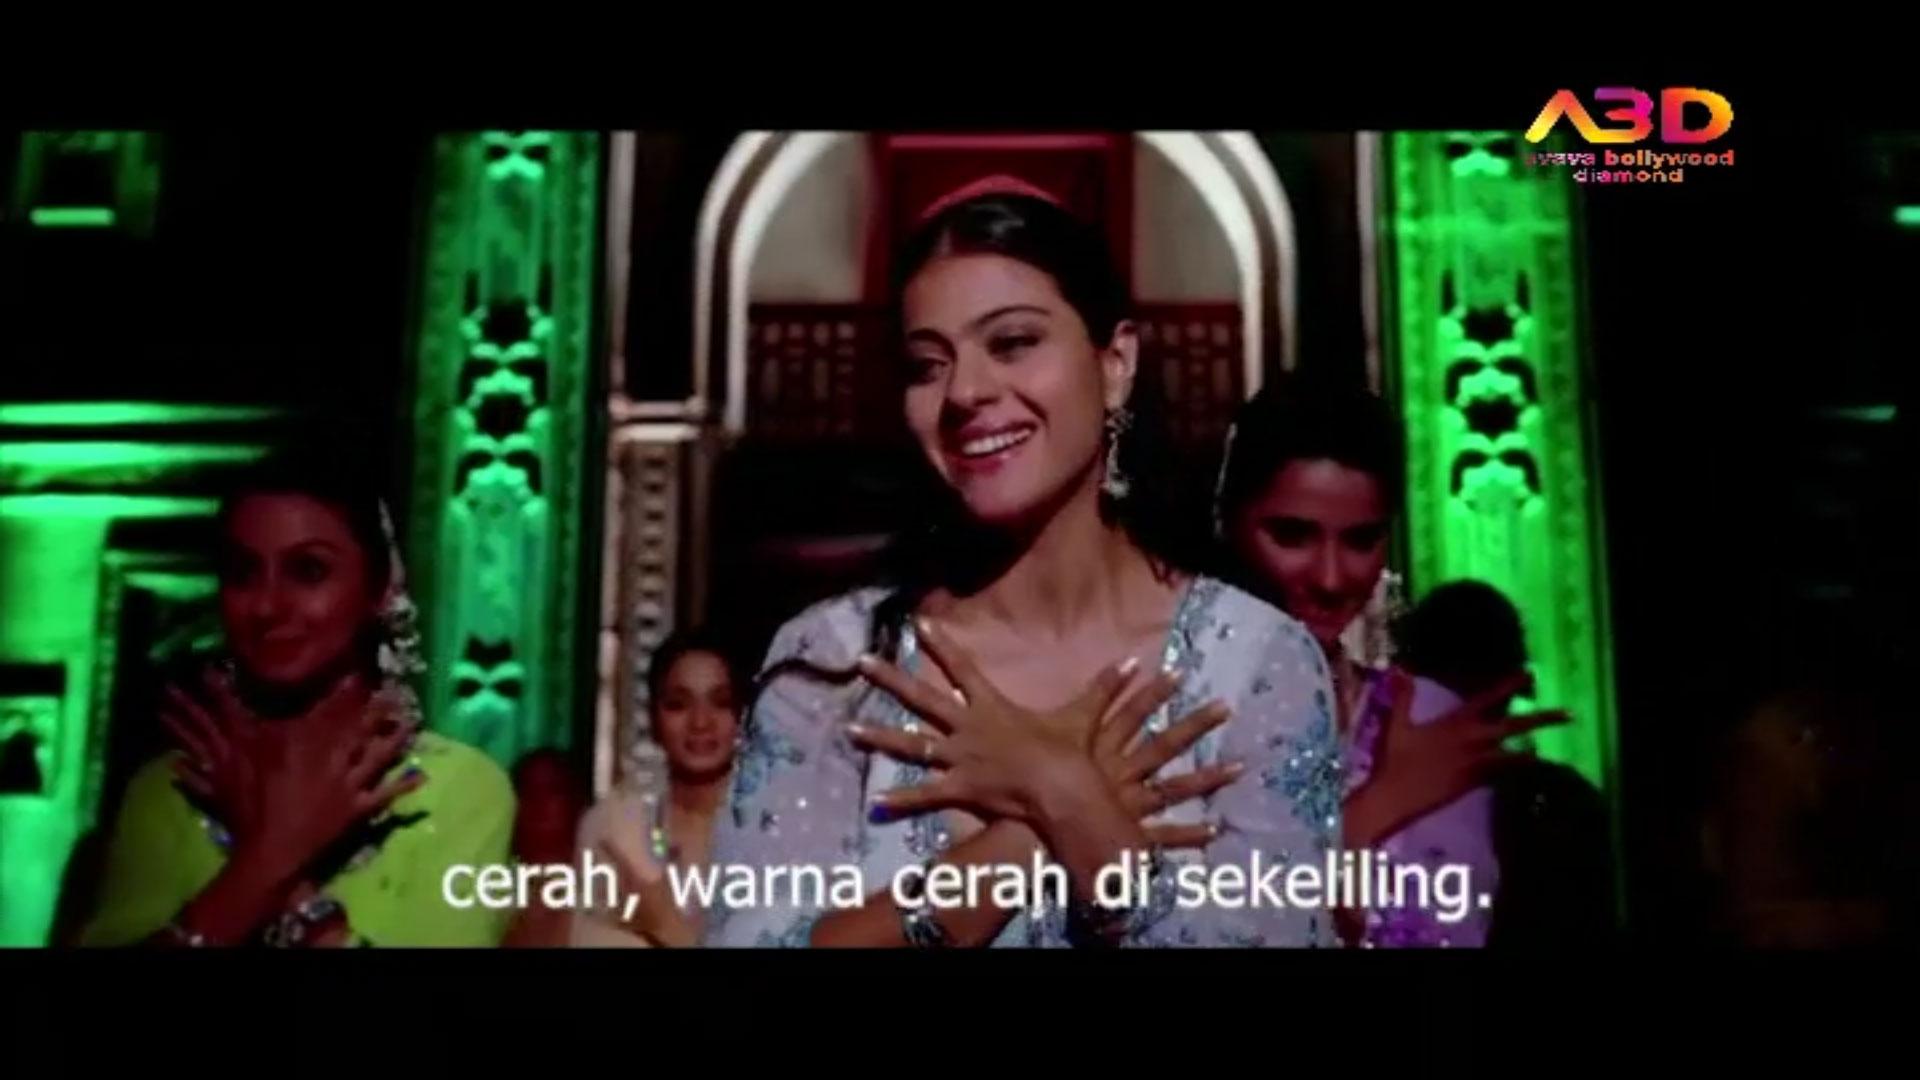 Frekuensi siaran Avava Bollywood di satelit SES 9 Terbaru